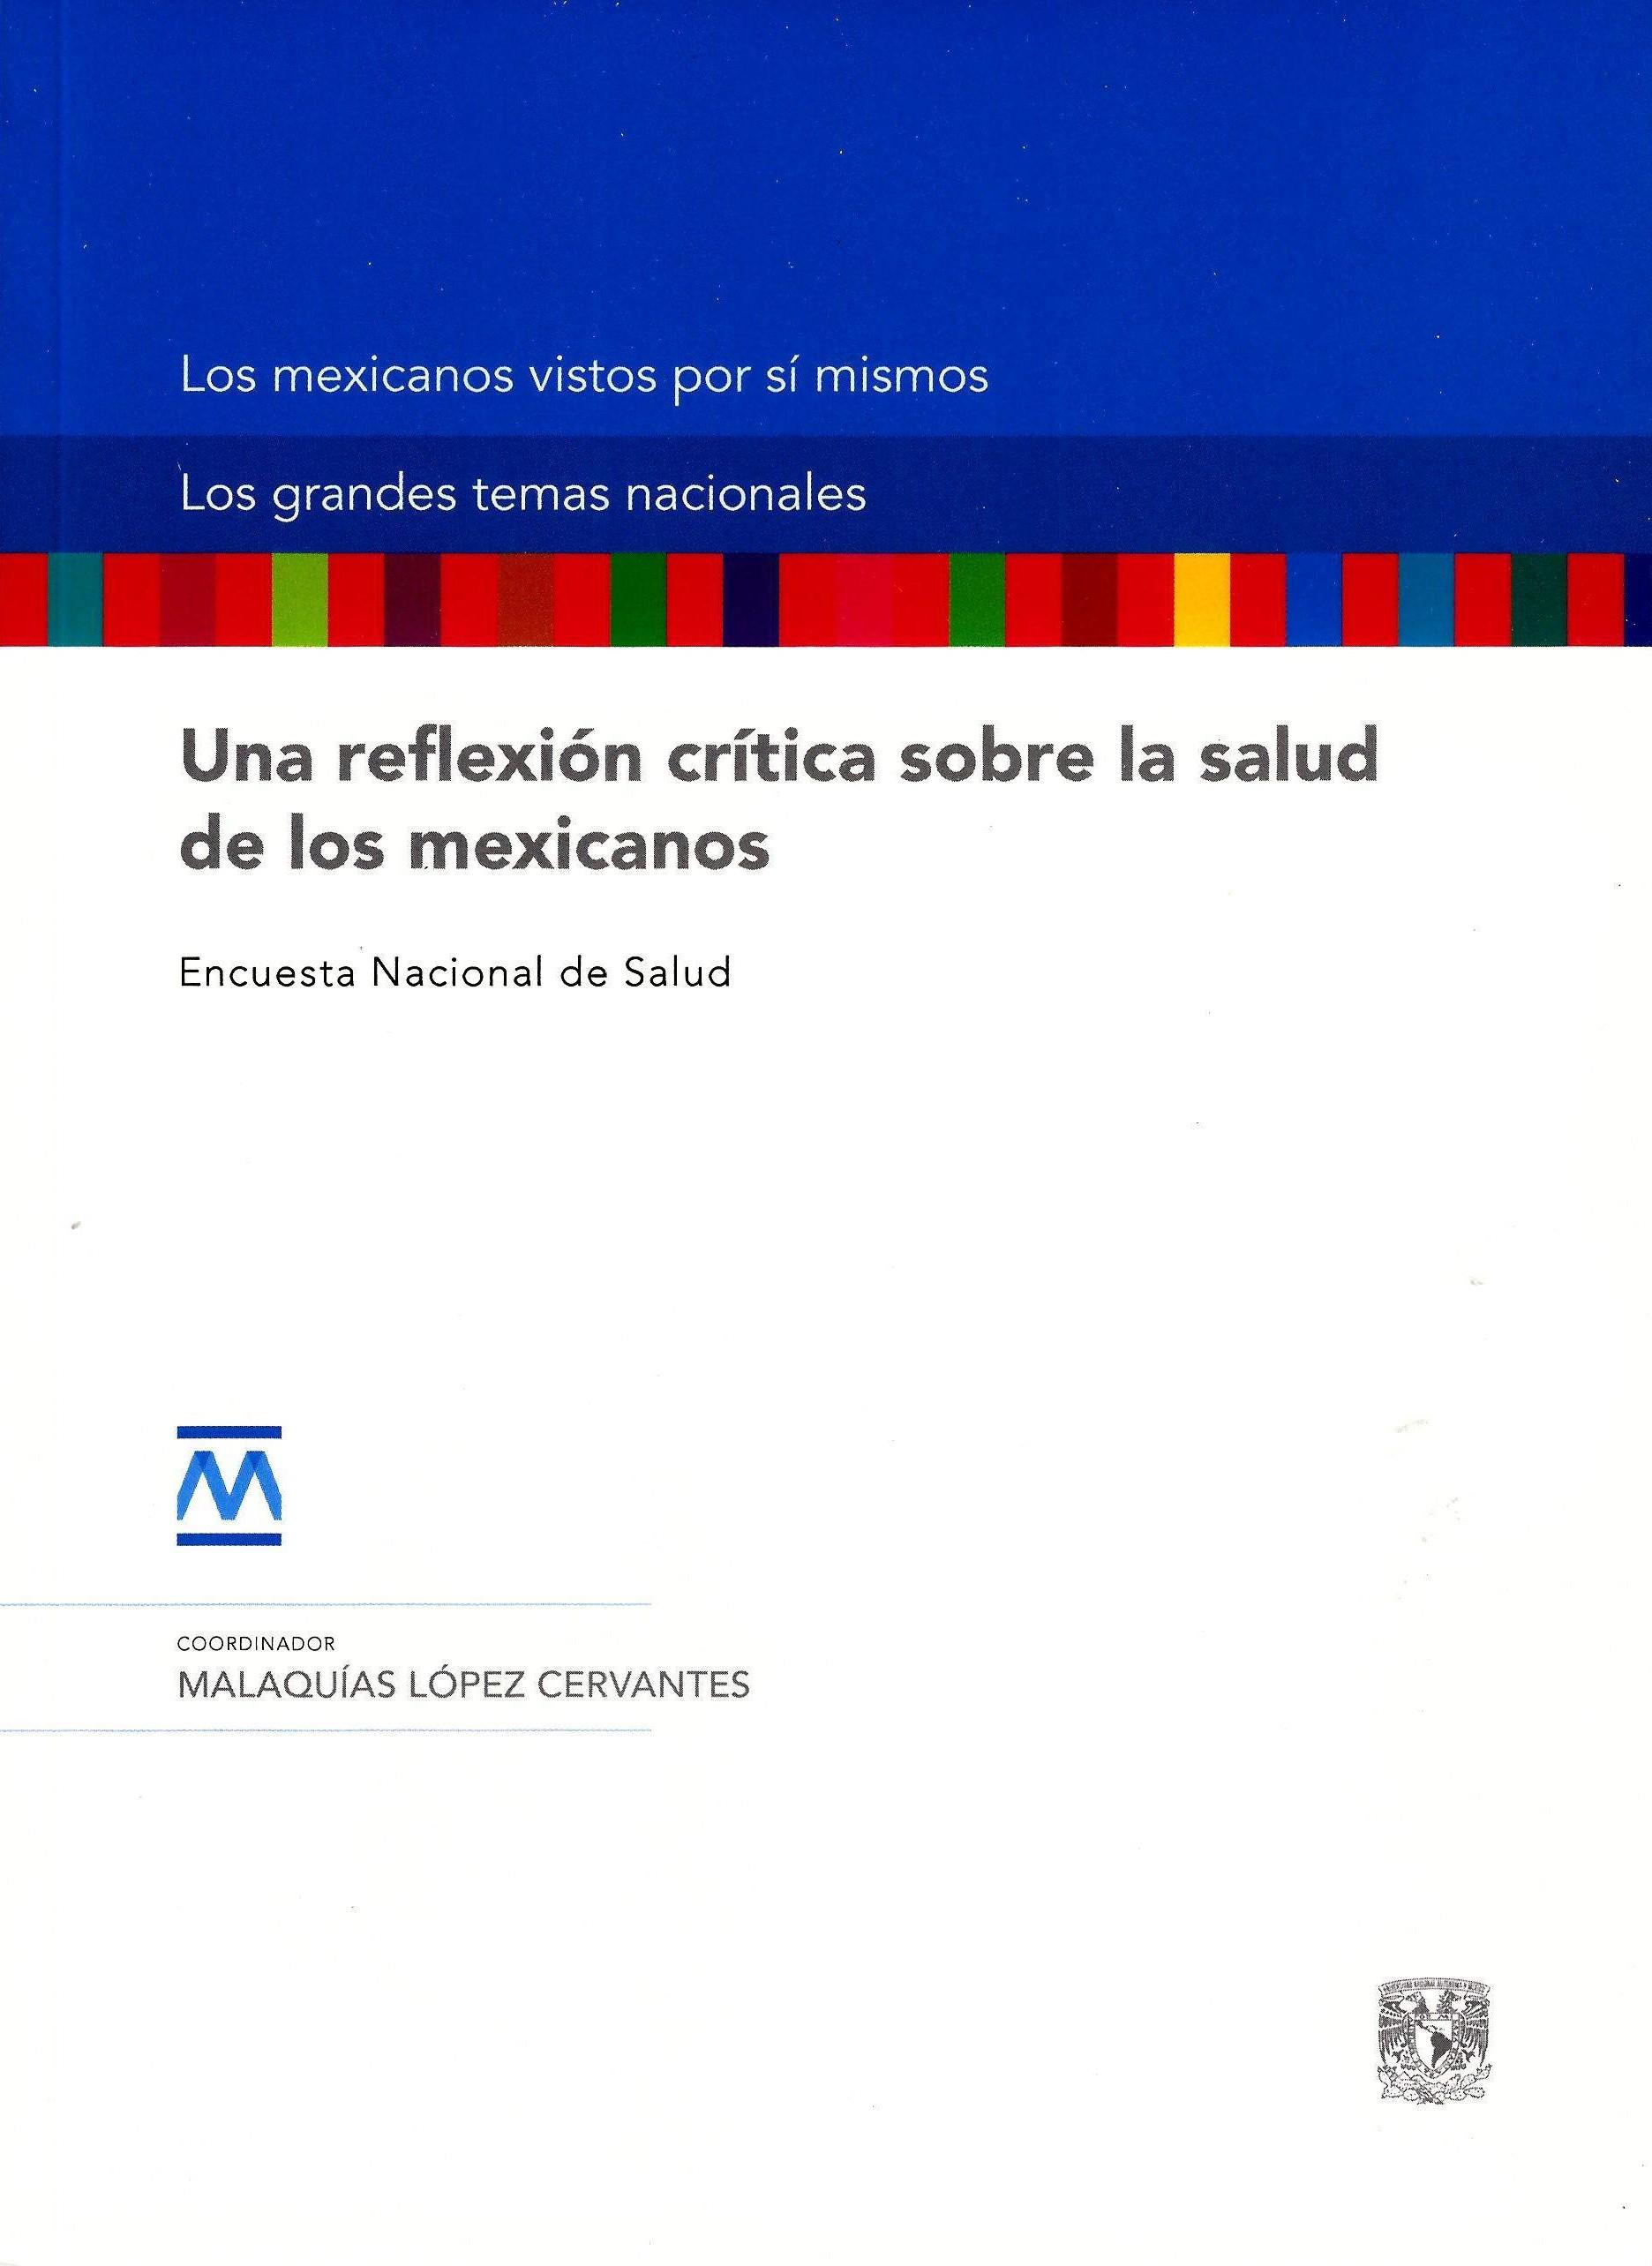 Una reflexión crítica sobre la salud de los mexicanos. Encuesta Nacional de Salud